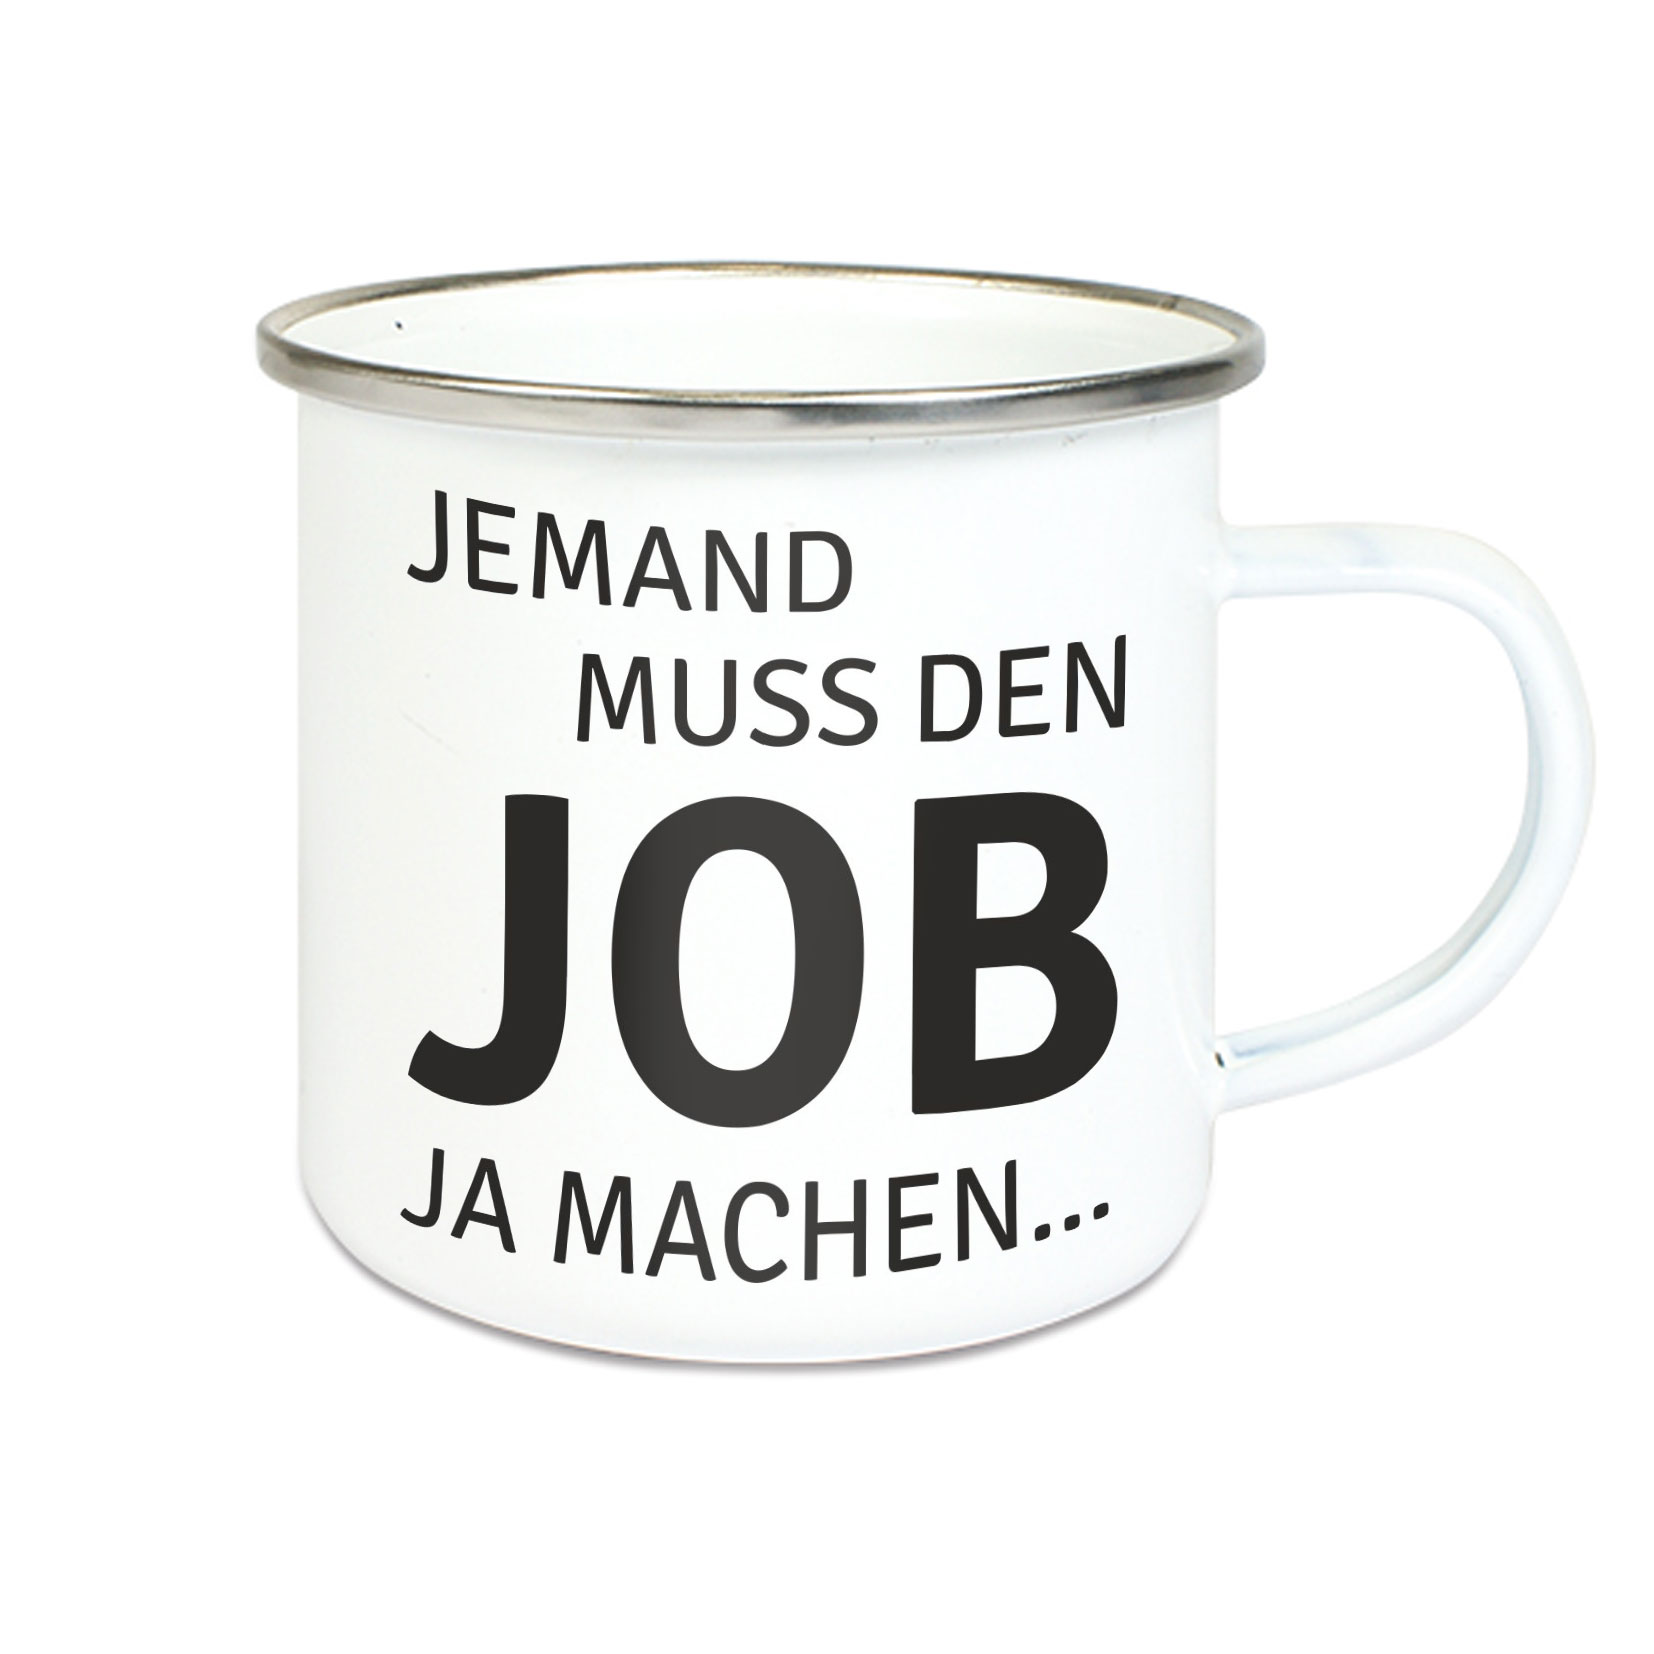 Emalie Tasse: JEMAND MUSS DEN JOB JA MACHEN....Kaffeebecher Kaffeetasse bedruckt